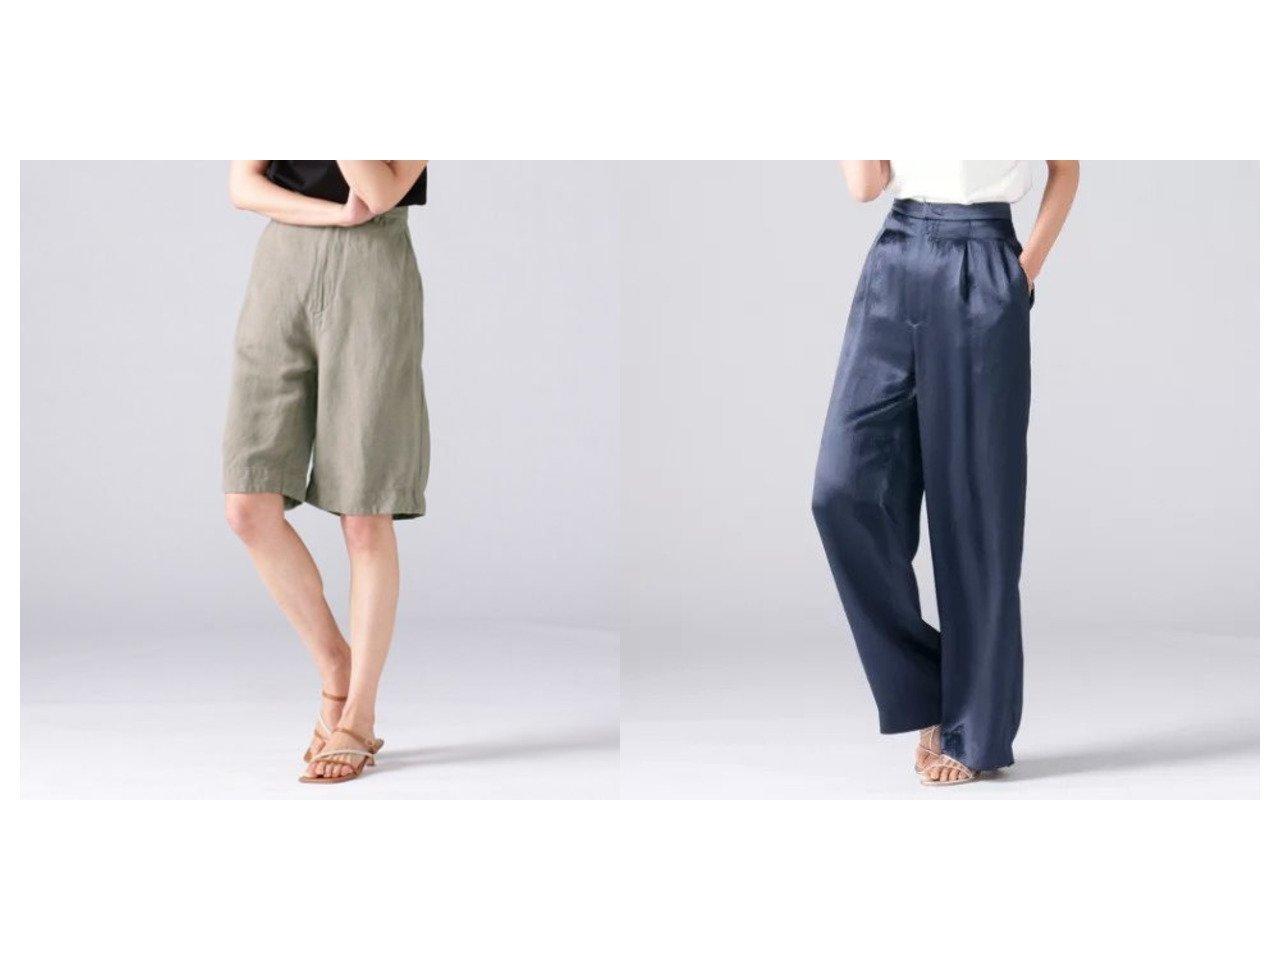 【Demi-Luxe BEAMS/デミルクス ビームス】のAK+ リネンレーヨン ハーフパンツ&AK+ ヴィンテージサテン パンツ パンツのおすすめ!人気、トレンド・レディースファッションの通販 おすすめで人気の流行・トレンド、ファッションの通販商品 メンズファッション・キッズファッション・インテリア・家具・レディースファッション・服の通販 founy(ファニー) https://founy.com/ ファッション Fashion レディースファッション WOMEN パンツ Pants ハーフ / ショートパンツ Short Pants ショート ハーフ パターン ベーシック メンズ リネン おすすめ Recommend ヴィンテージ サテン スラックス ドレープ  ID:crp329100000024965